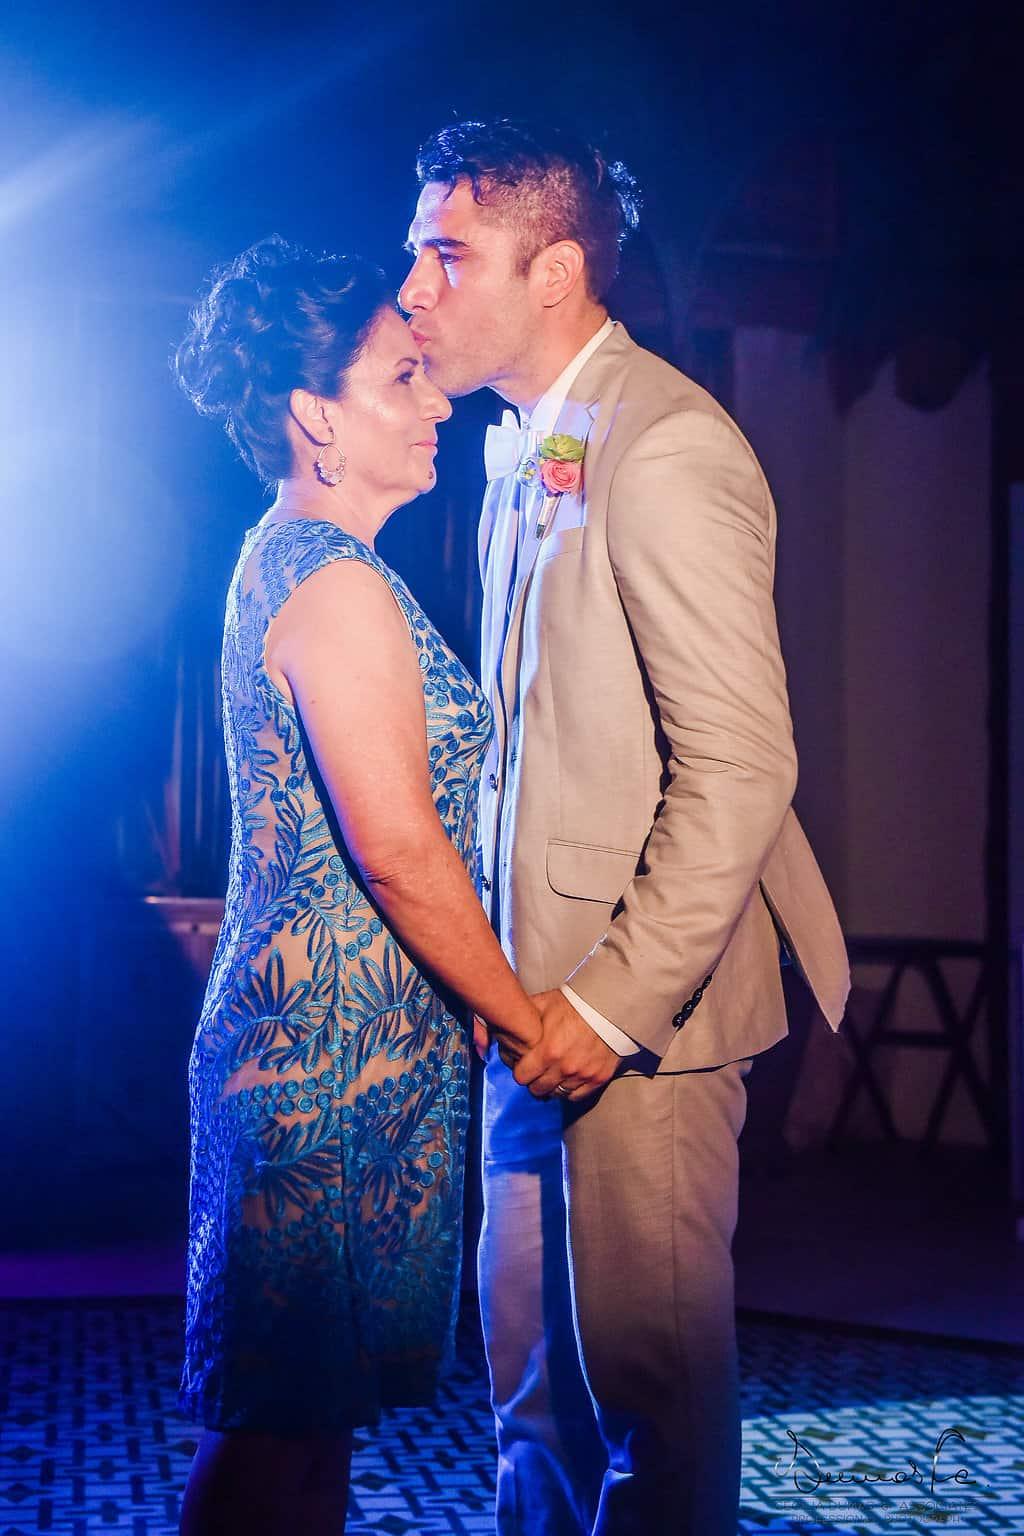 mahekalhotel-playadelcarmen-weddingphotography-lindseyalfredo143